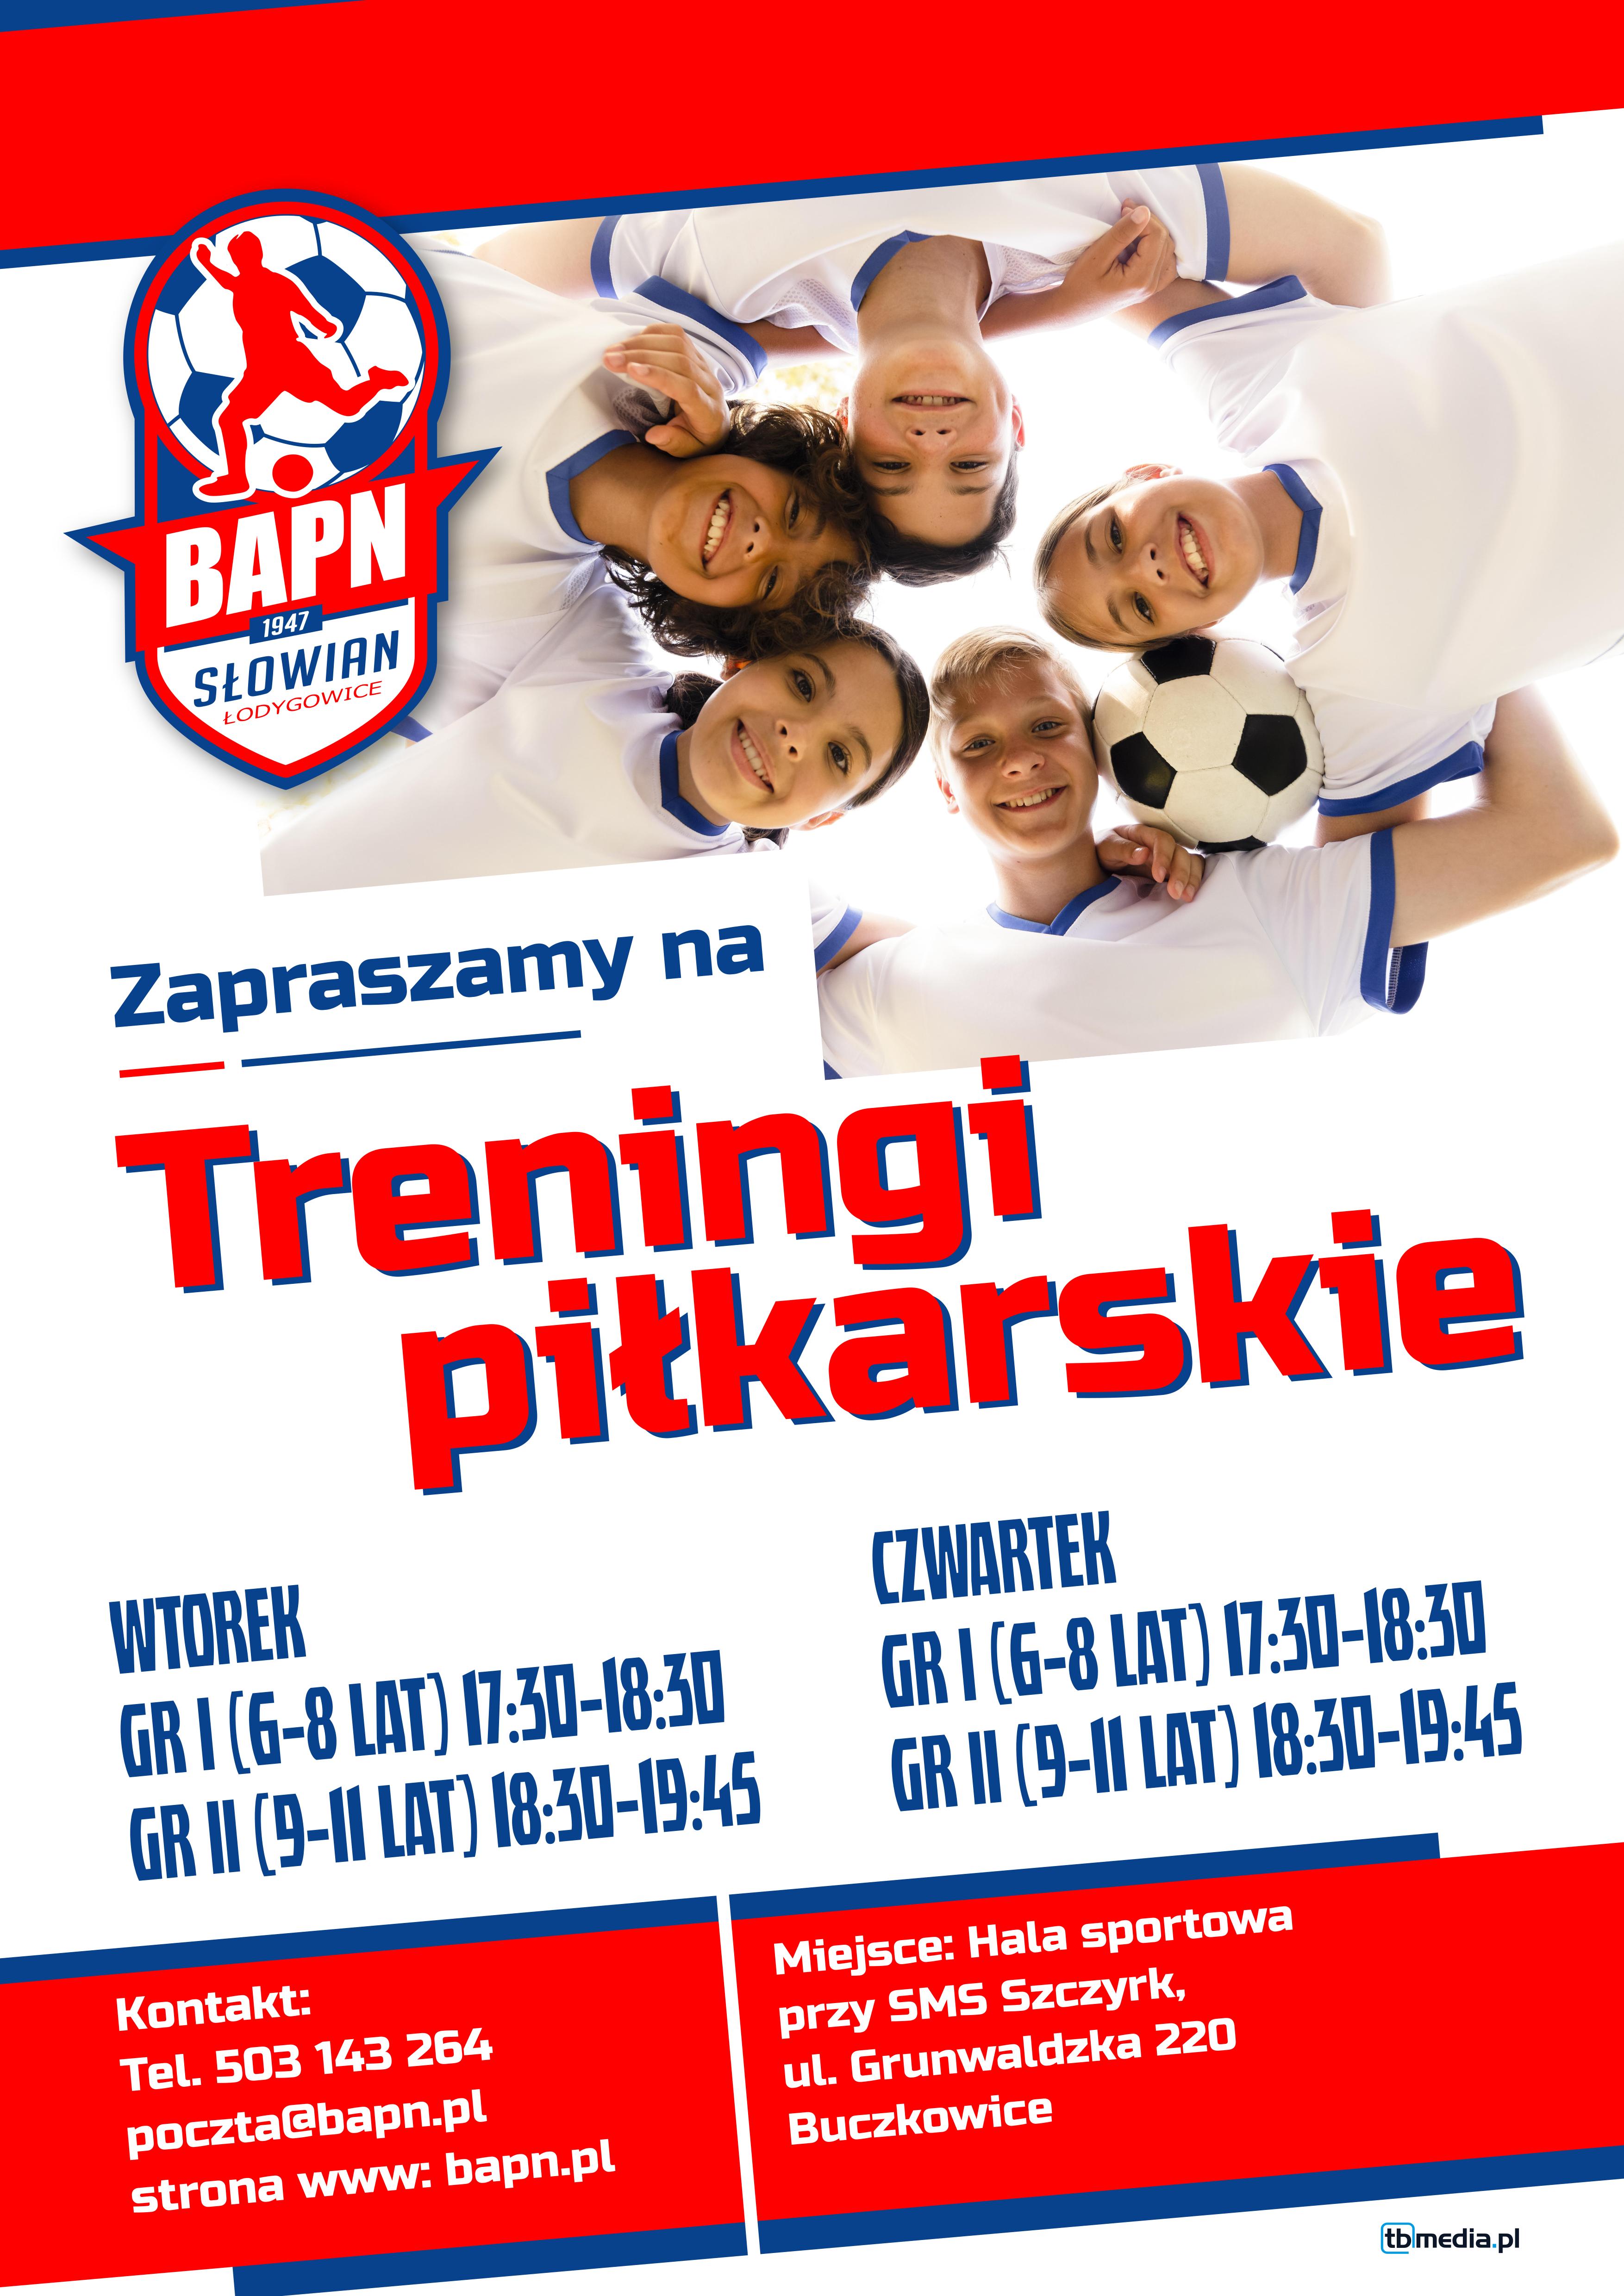 Beskidzka Akademia Piłki Nożnej - informacja o zapisach dzieci na treningi 2021/2022